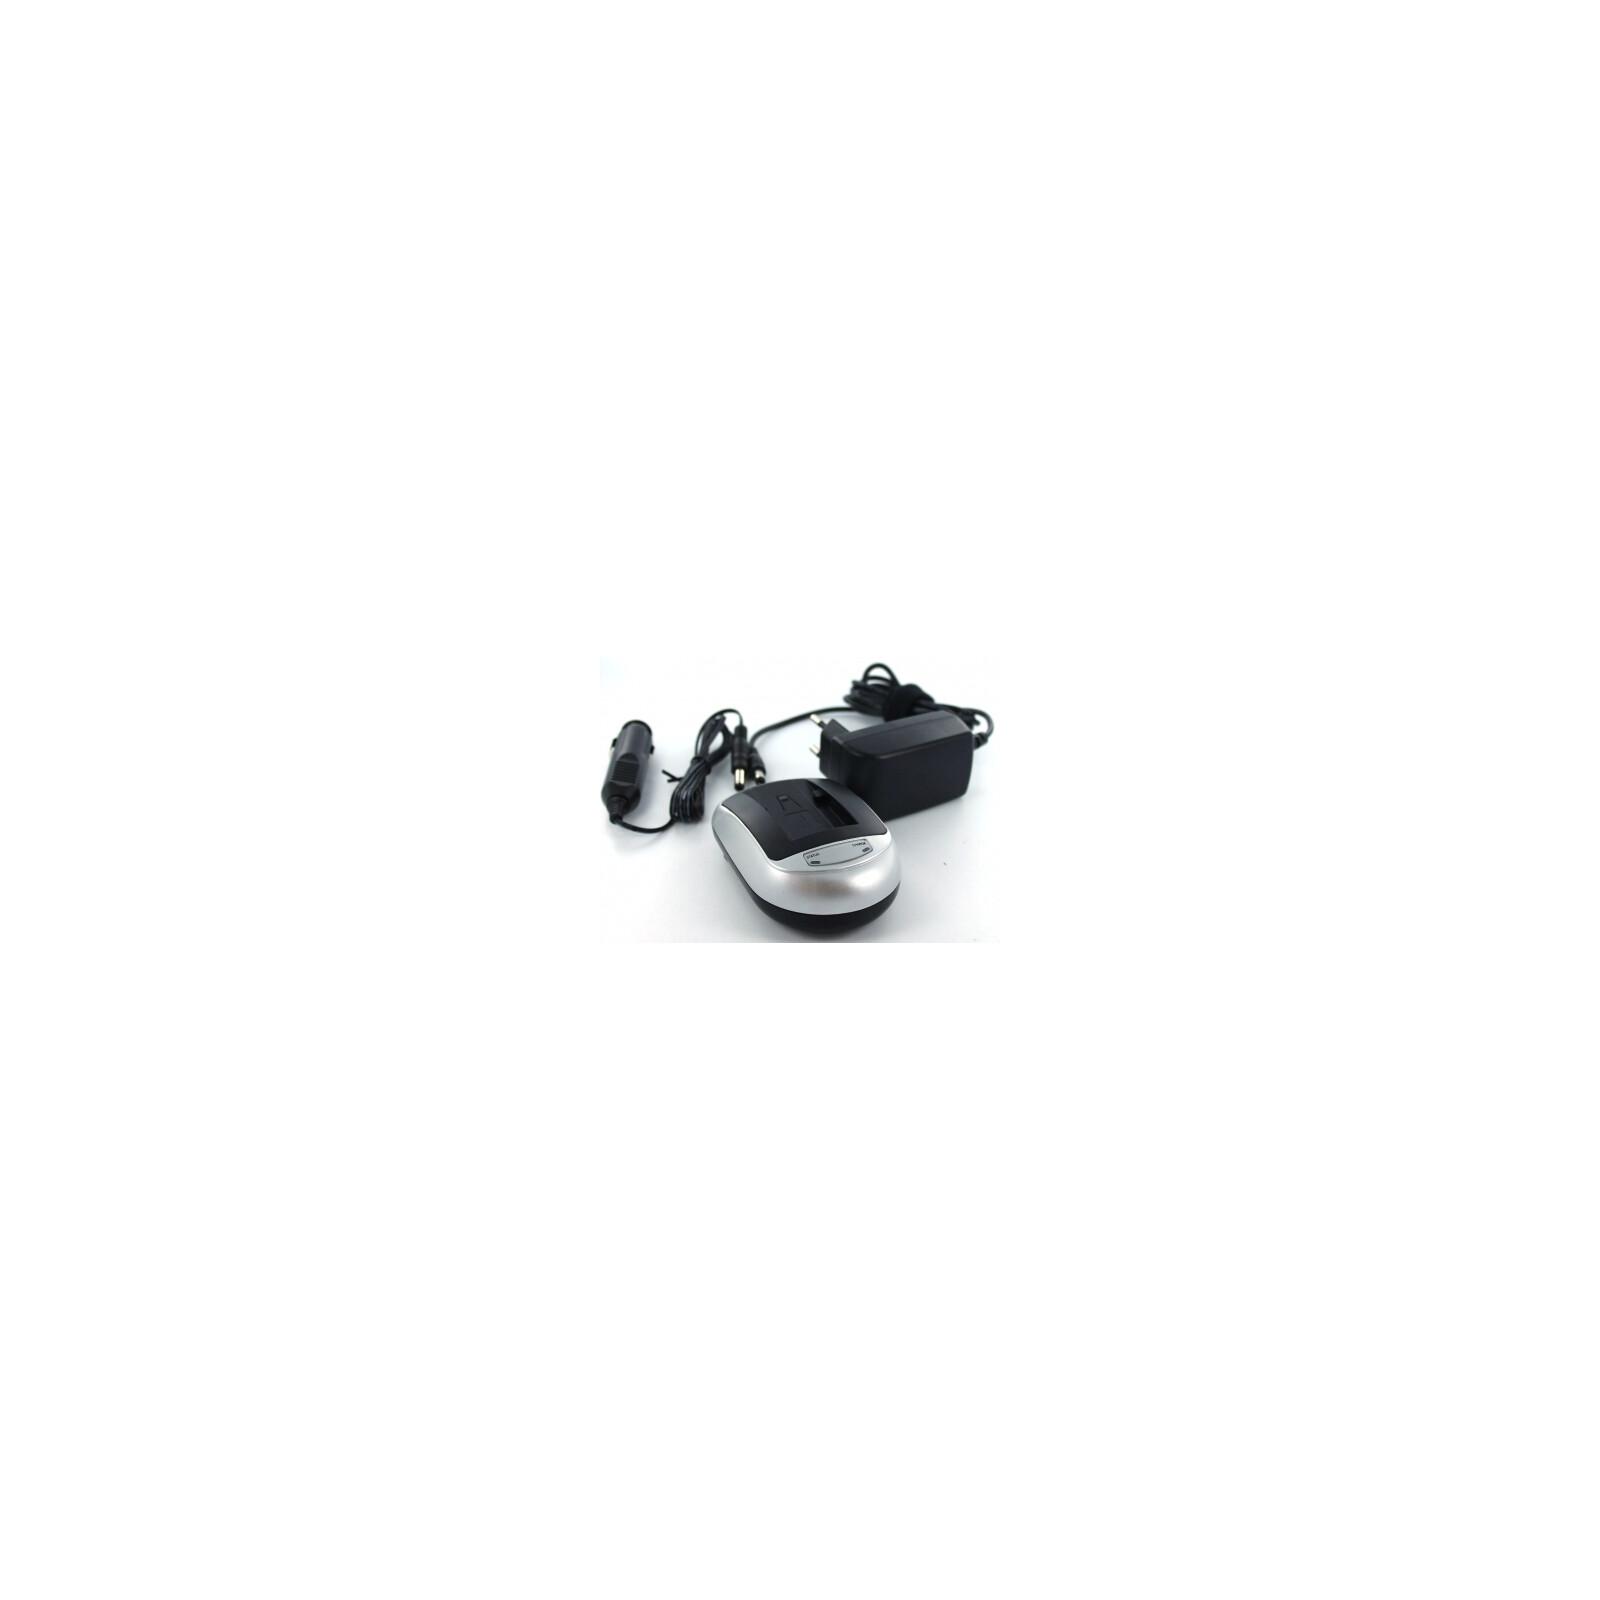 AGI 78955 Ladegerät Sony HDR-CX130E